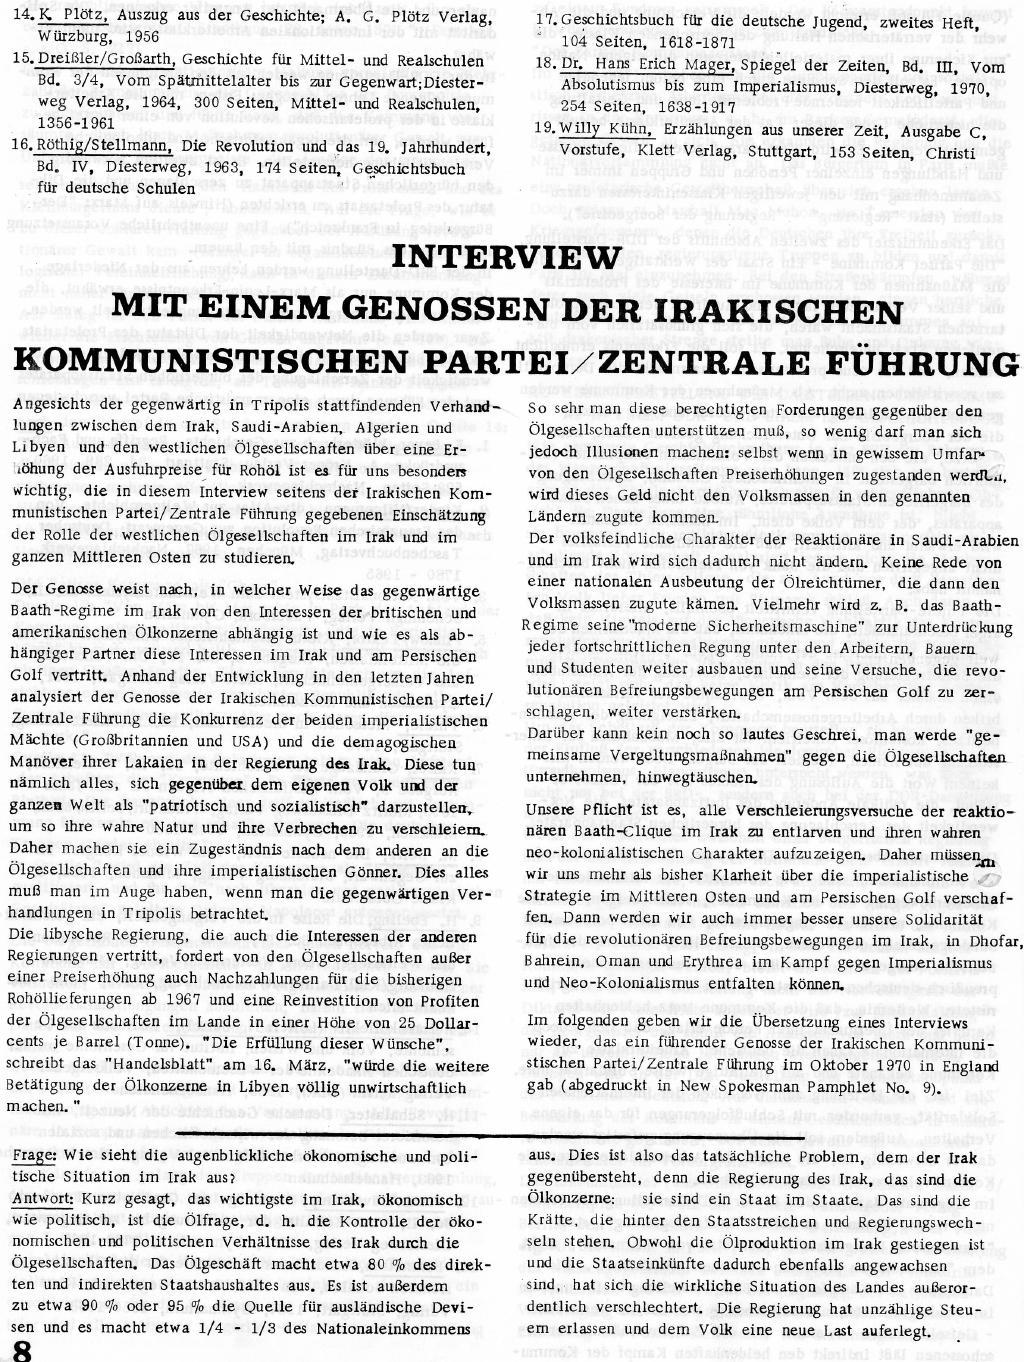 RPK_1971_107_08